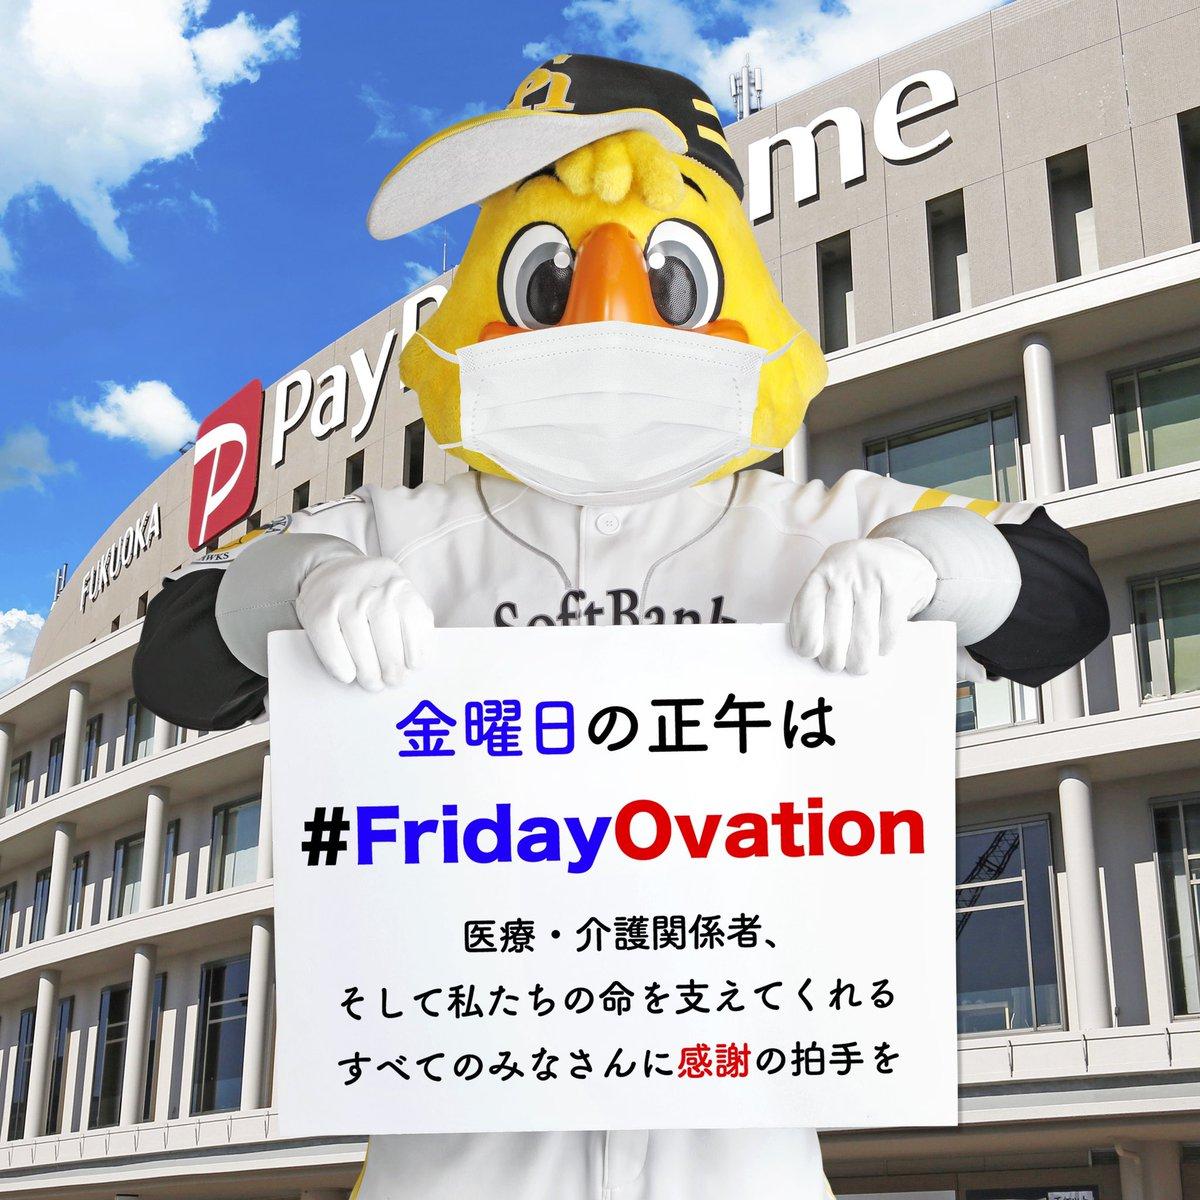 こんにちは。今日は新型コロナウイルス対策のため最前線の現場で働く方々に「#FridayOvation」。常にウイルス感染のリスクと背中合わせの状況で治療や感染拡大防止活動に従事してくださってありがとうございます。#FridayOvation#sbhawks